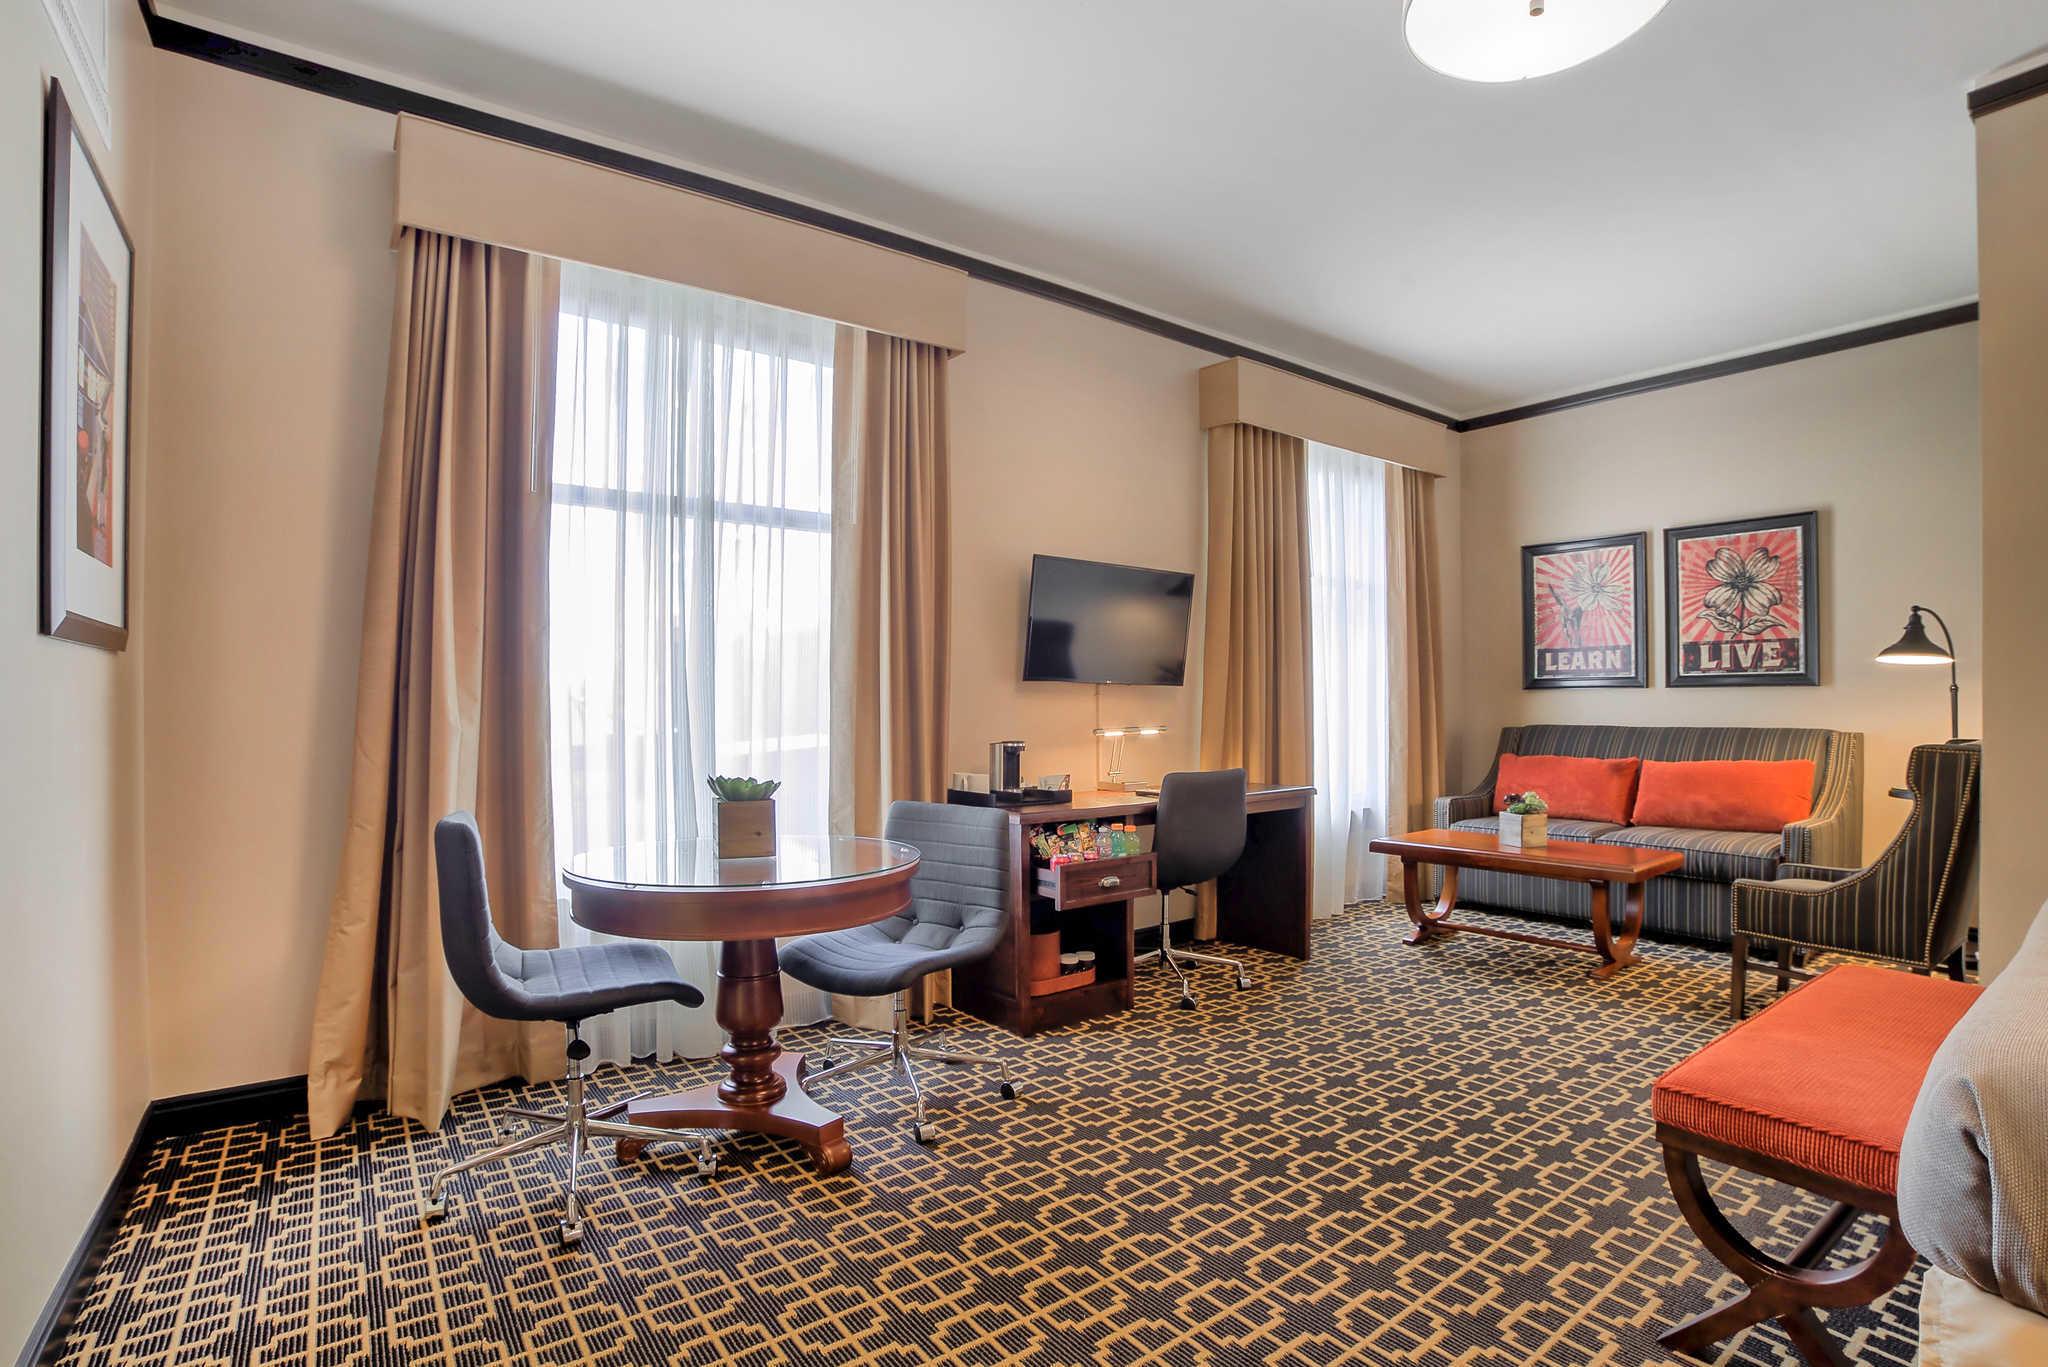 Peery Hotel Salt Lake City Ut